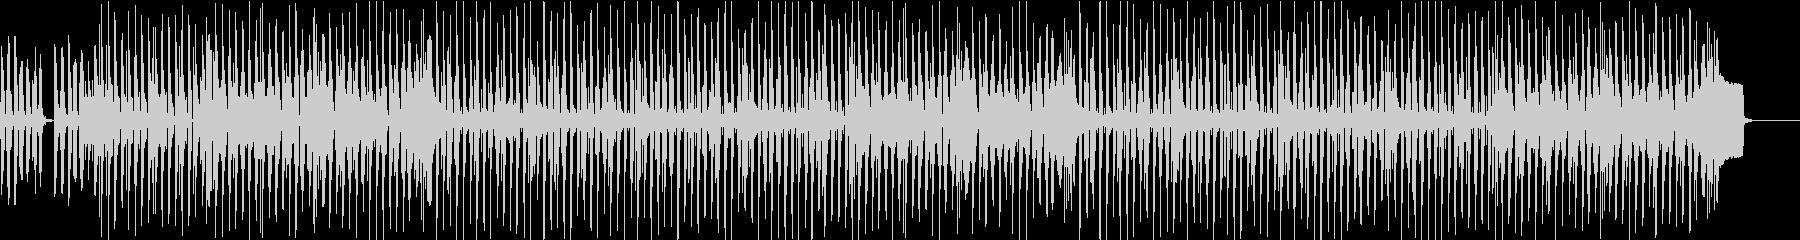 フルートを使ったルンルンとした温かい曲の未再生の波形